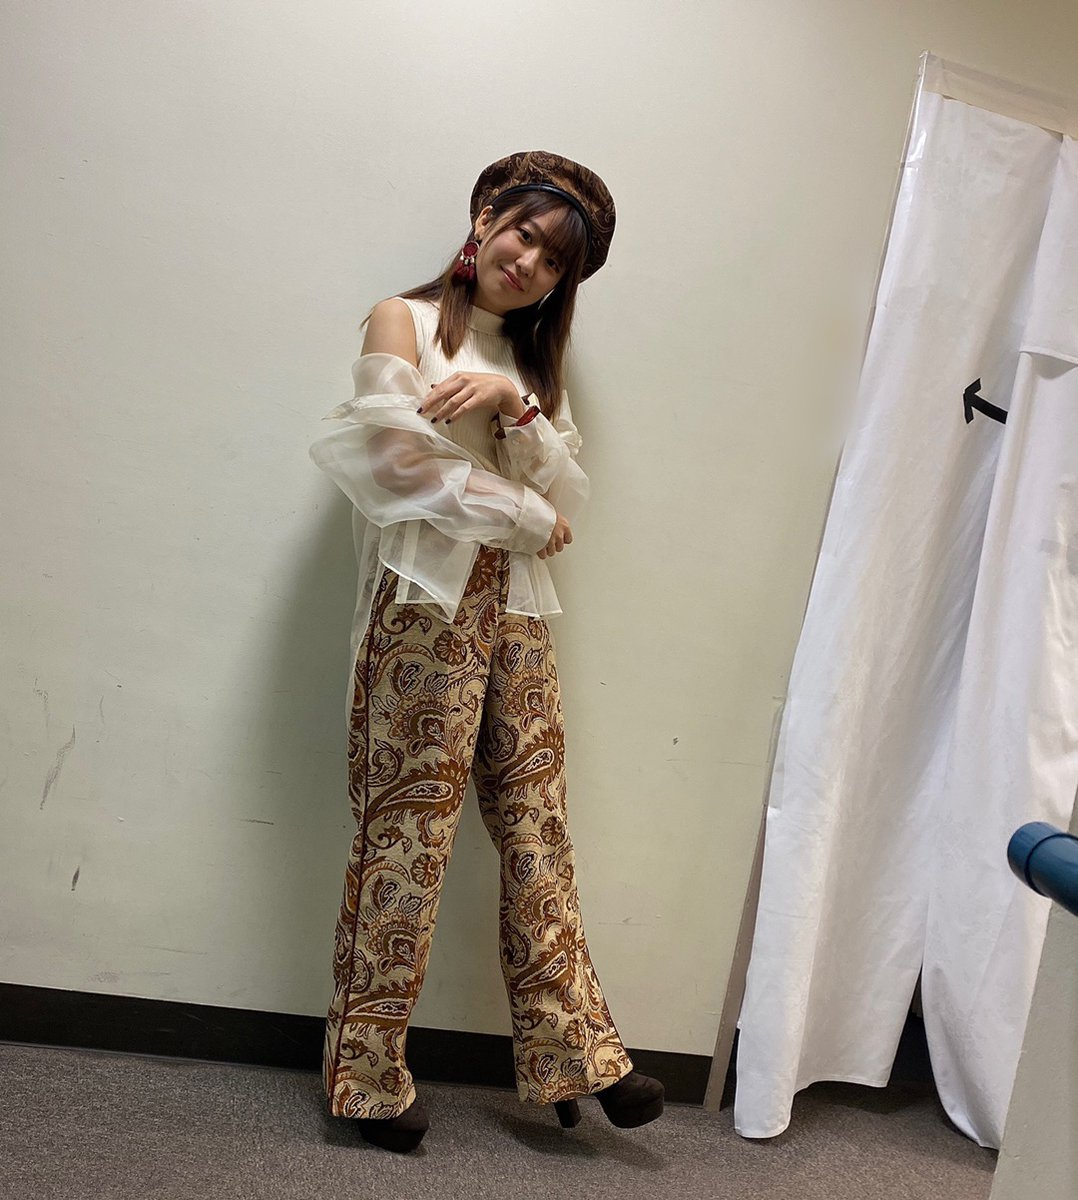 【12期 Blog】 富山でした@野中美希:…  #morningmusume20 #ハロプロ